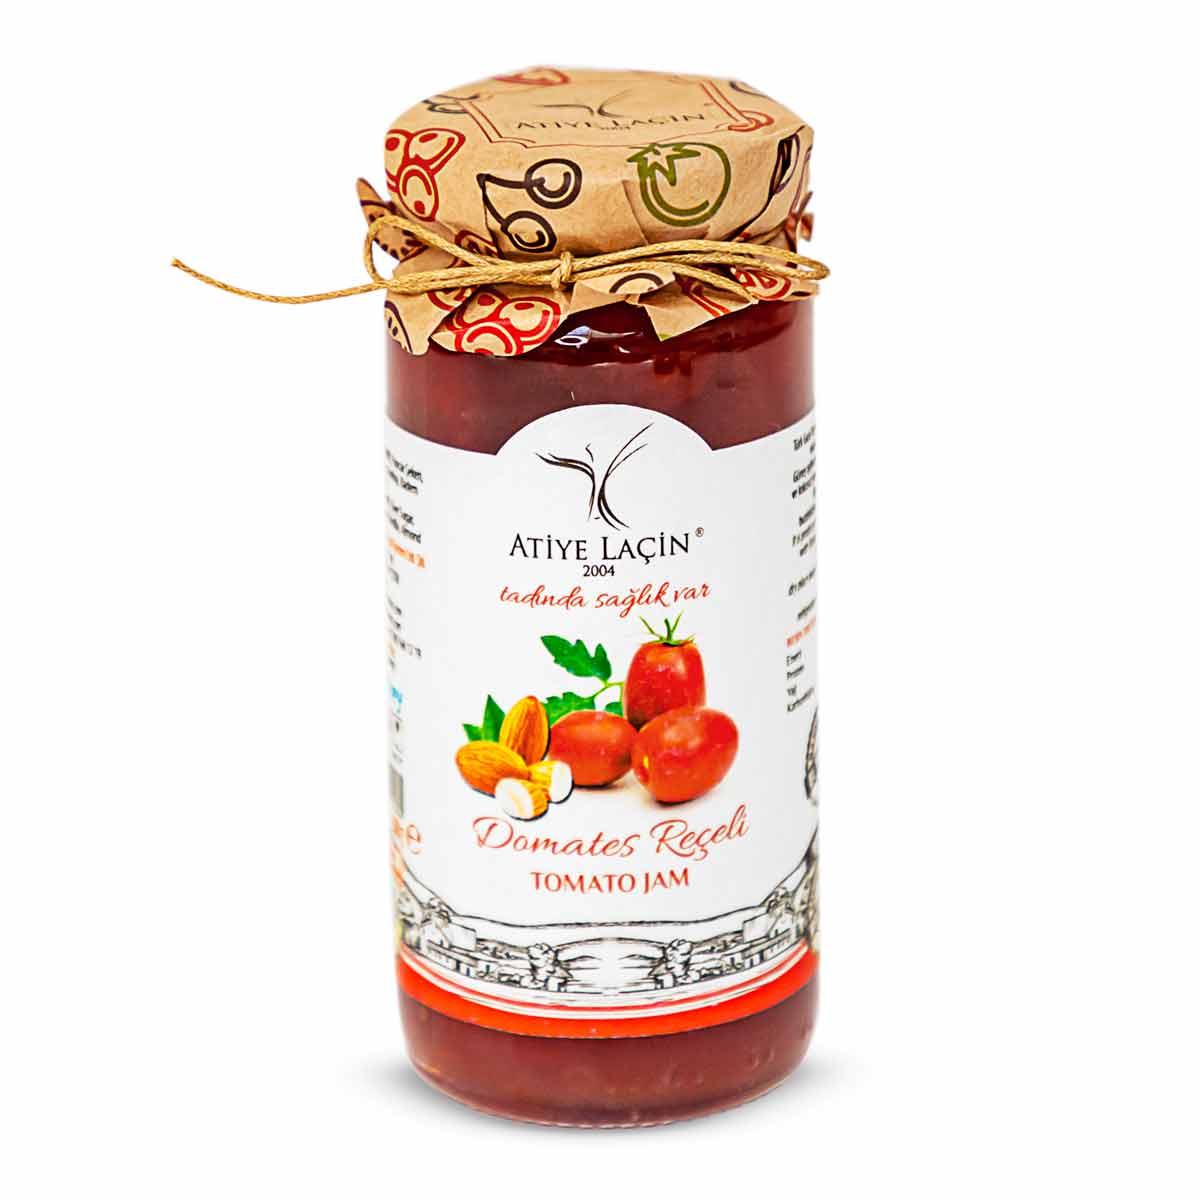 Atiye Lacin ~ Tomaten Marmelade ~ domates reçeli